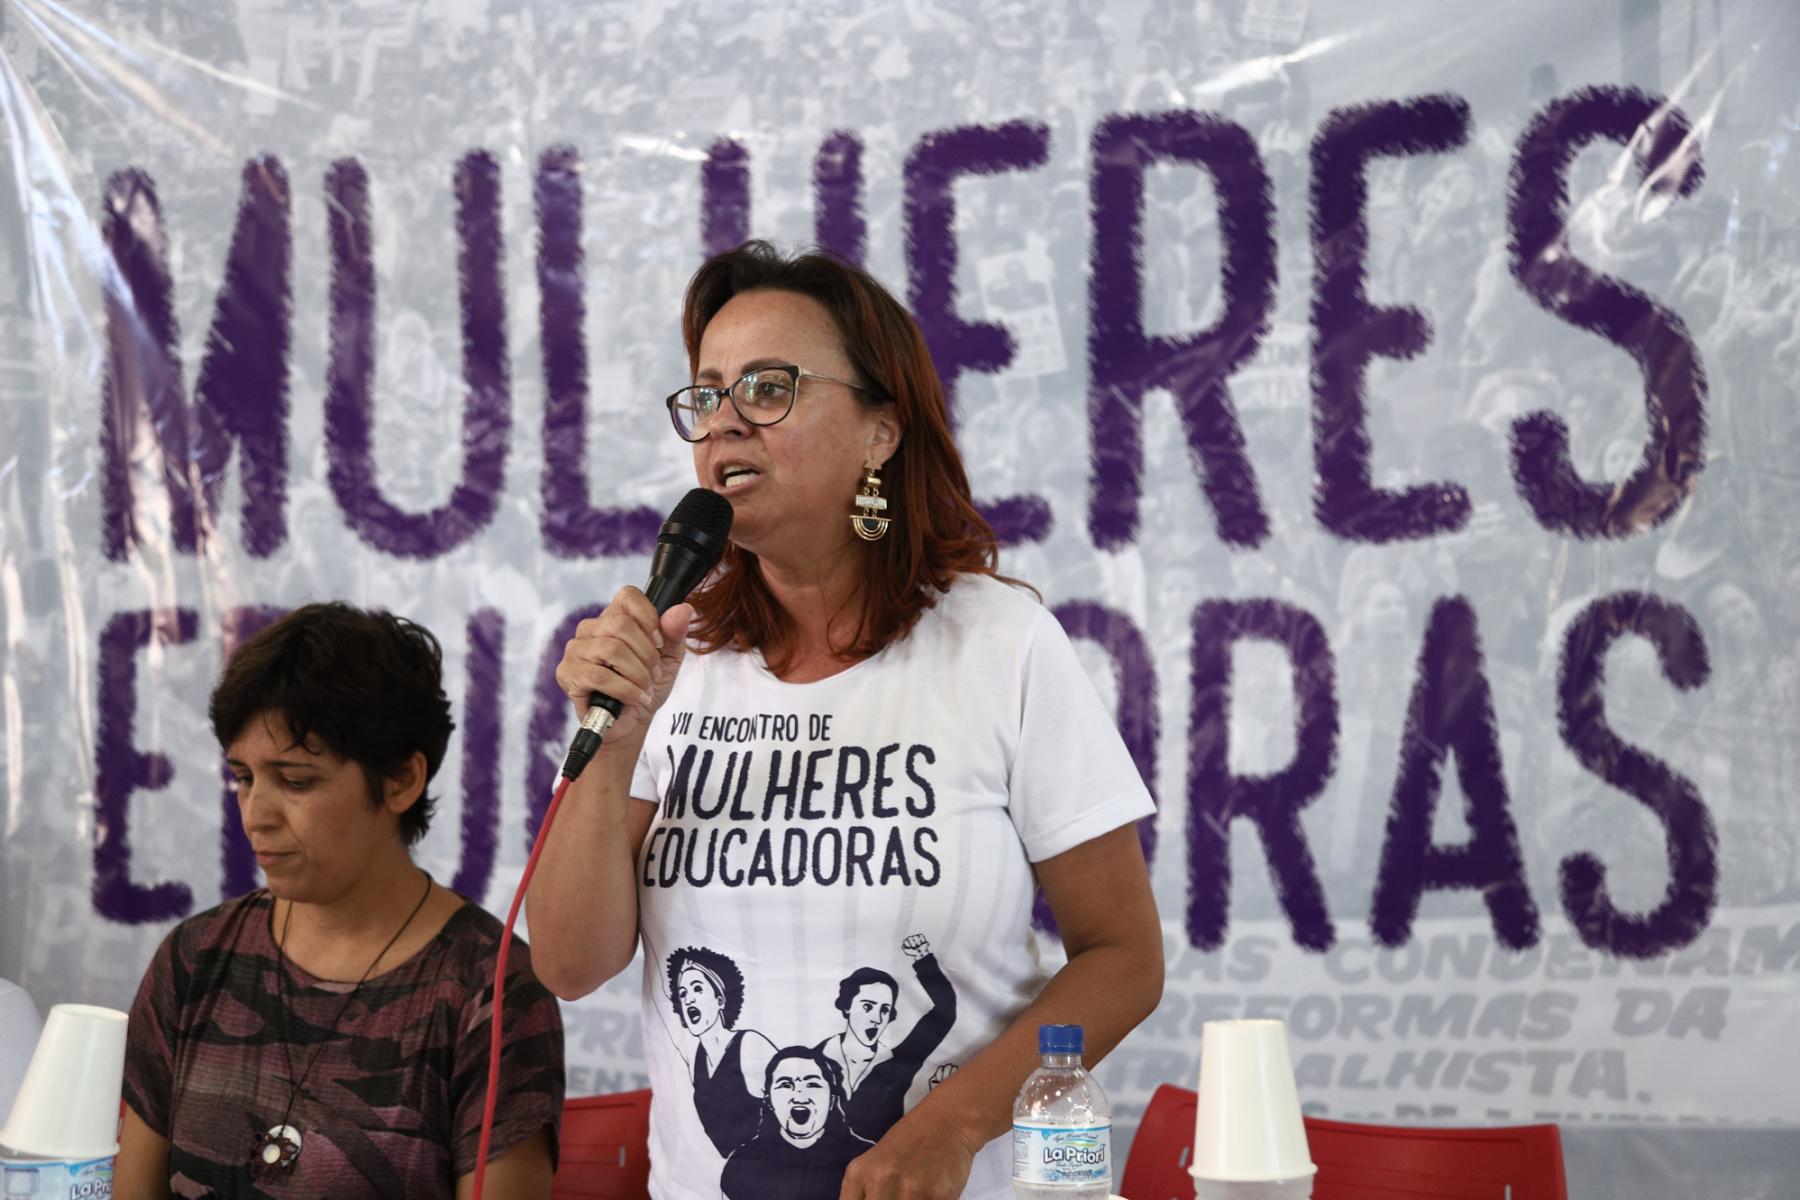 2019.04.27-VII-Encontro-de-Mulheres-Trabalhadoras_fotos-ECOM-111